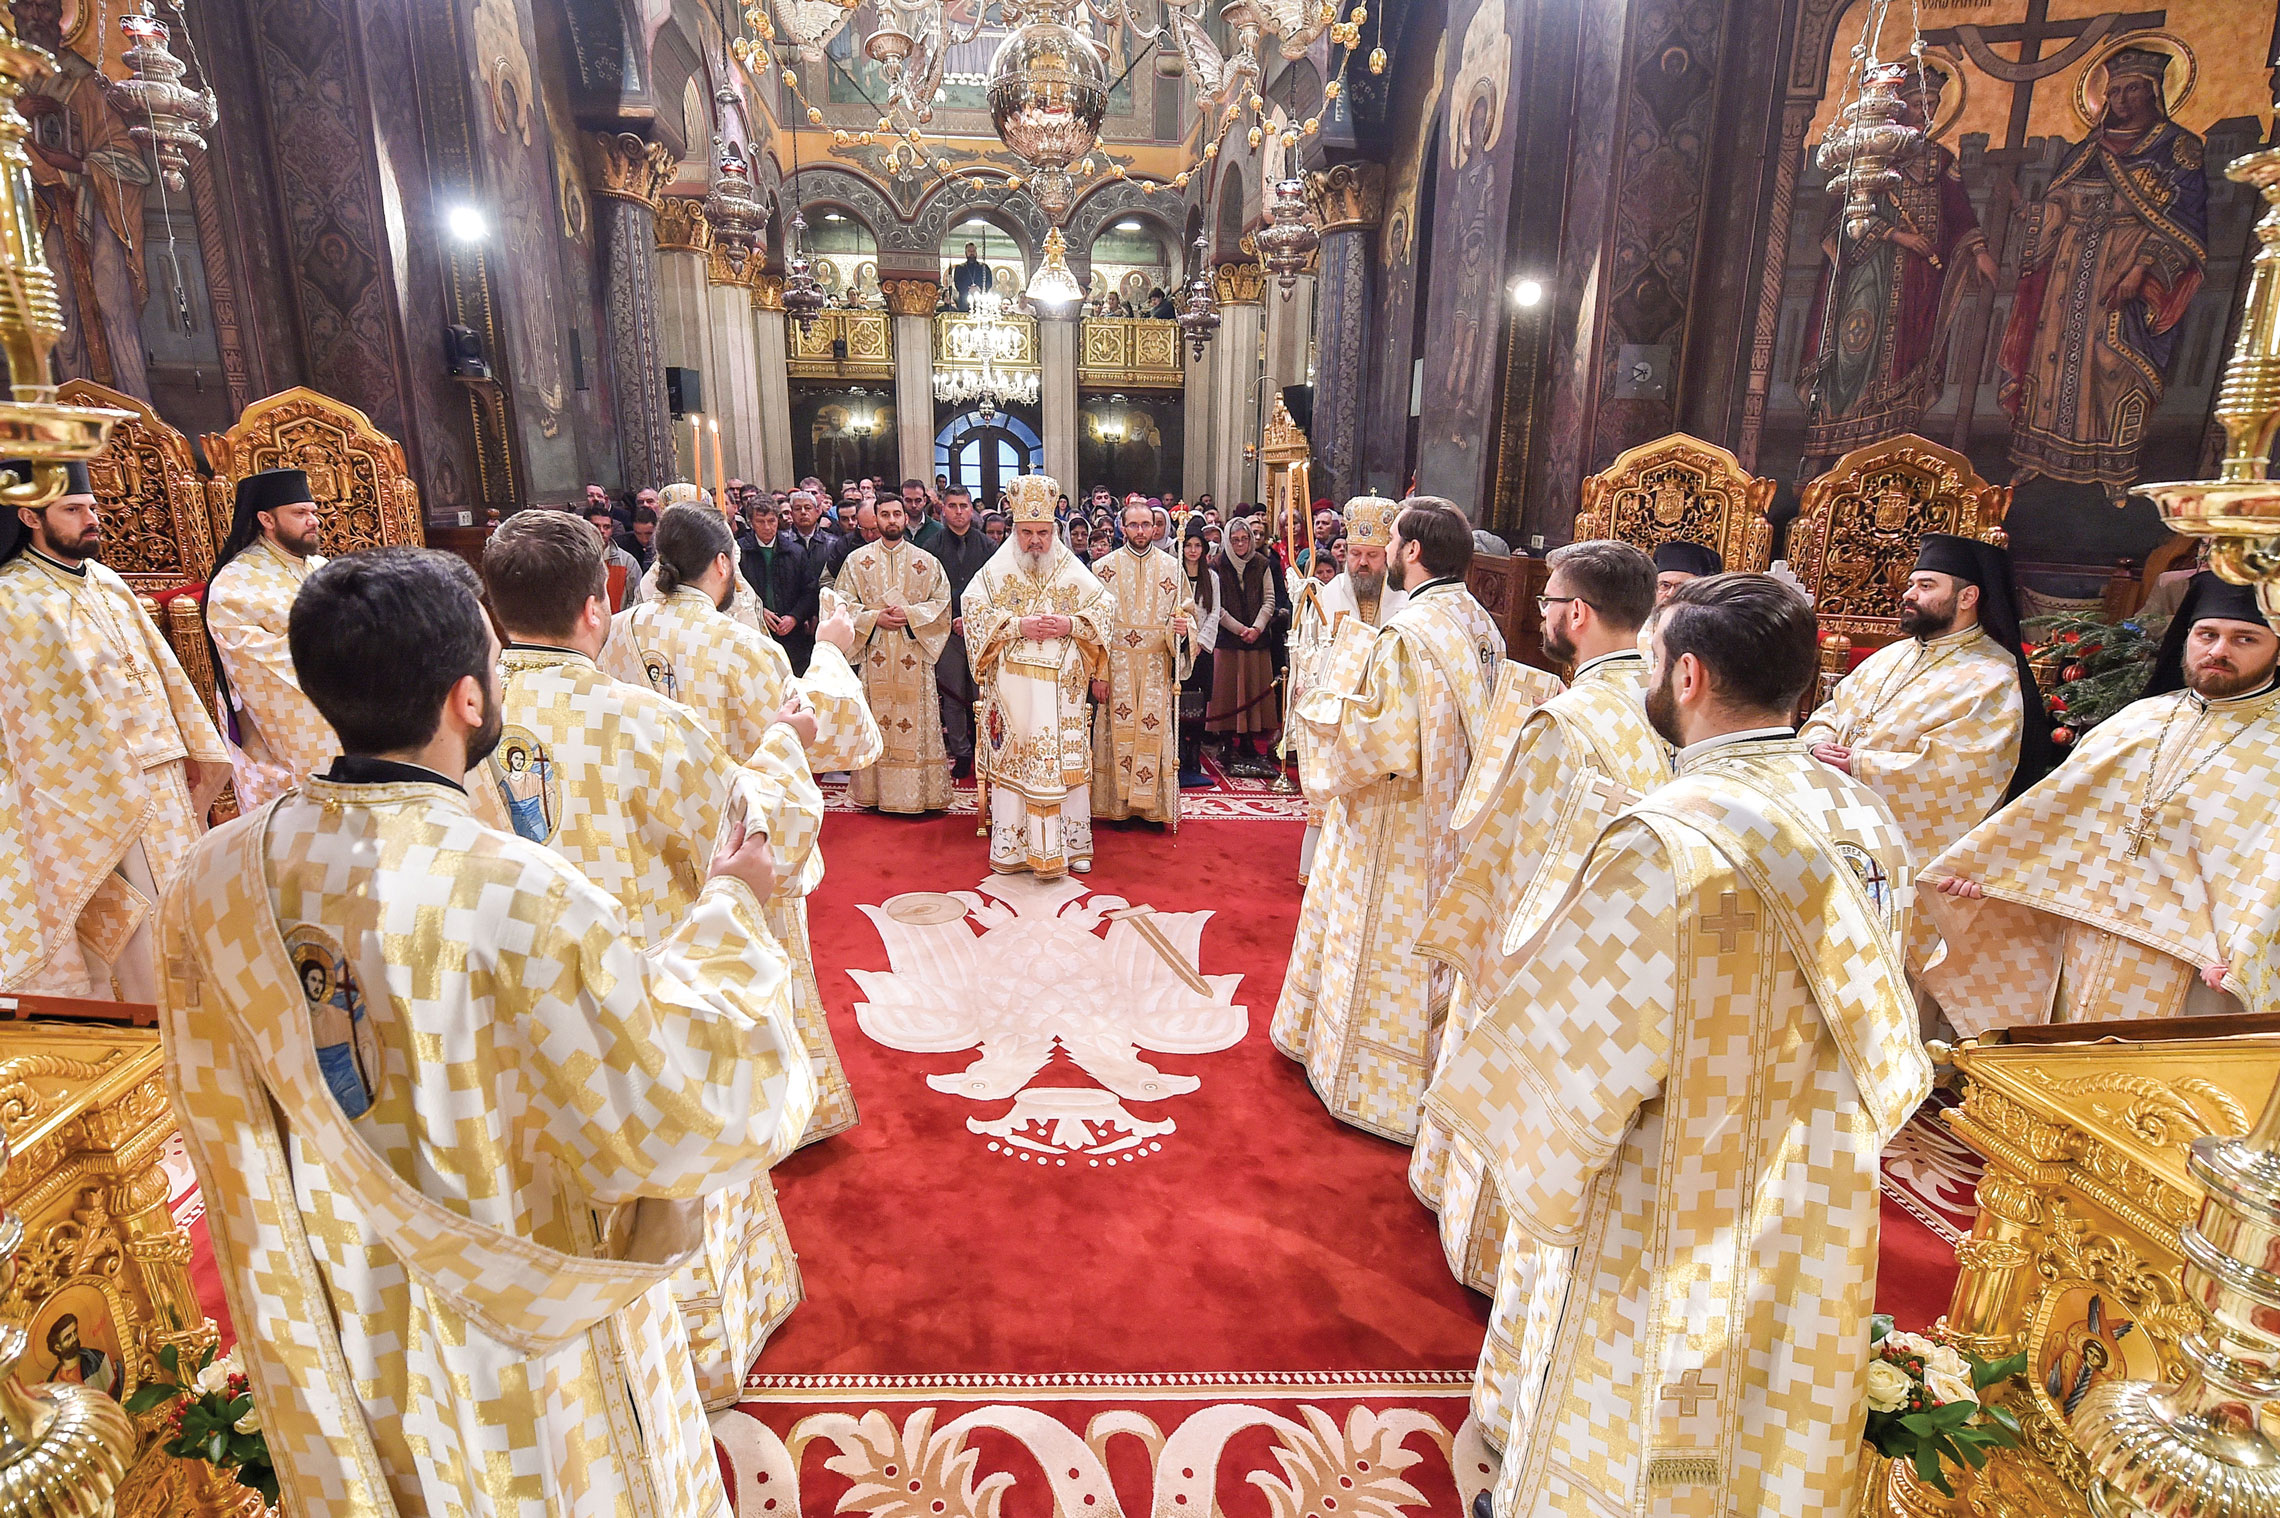 2019 – Anul satului românesc și al patriarhilor Nicodim Munteanu și Iustin Moisescu